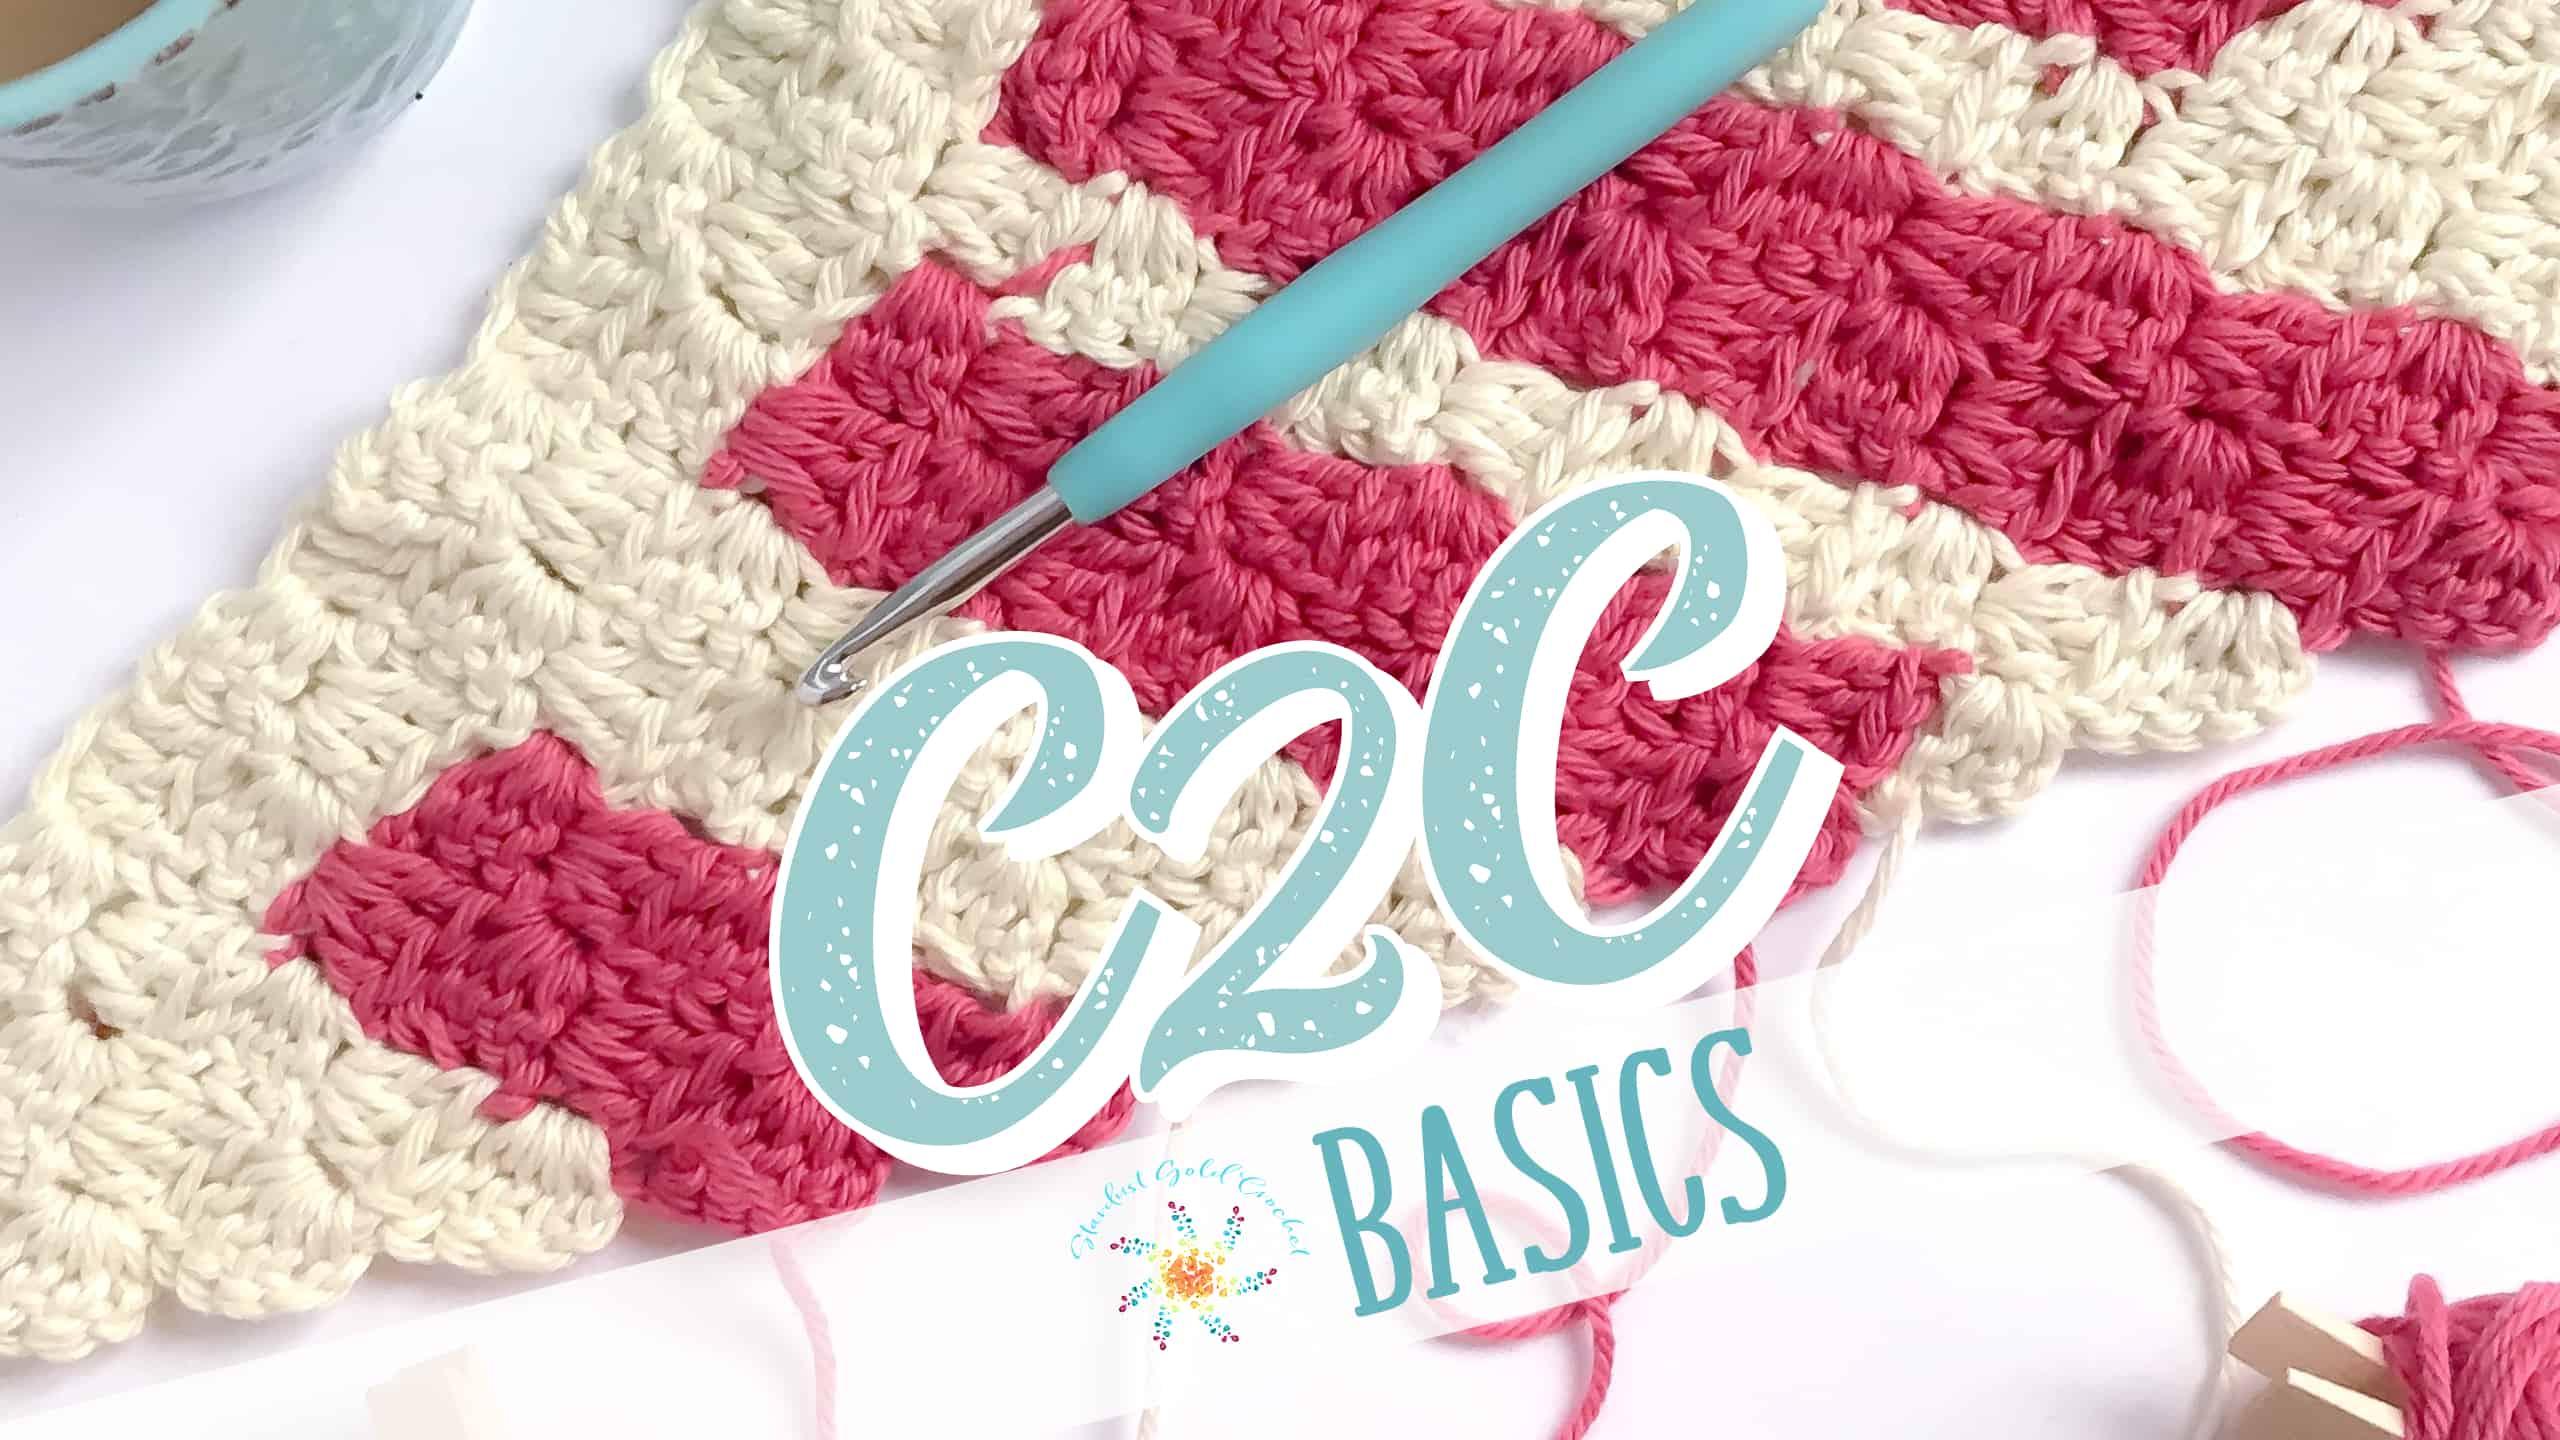 C2C Basics Tutorial